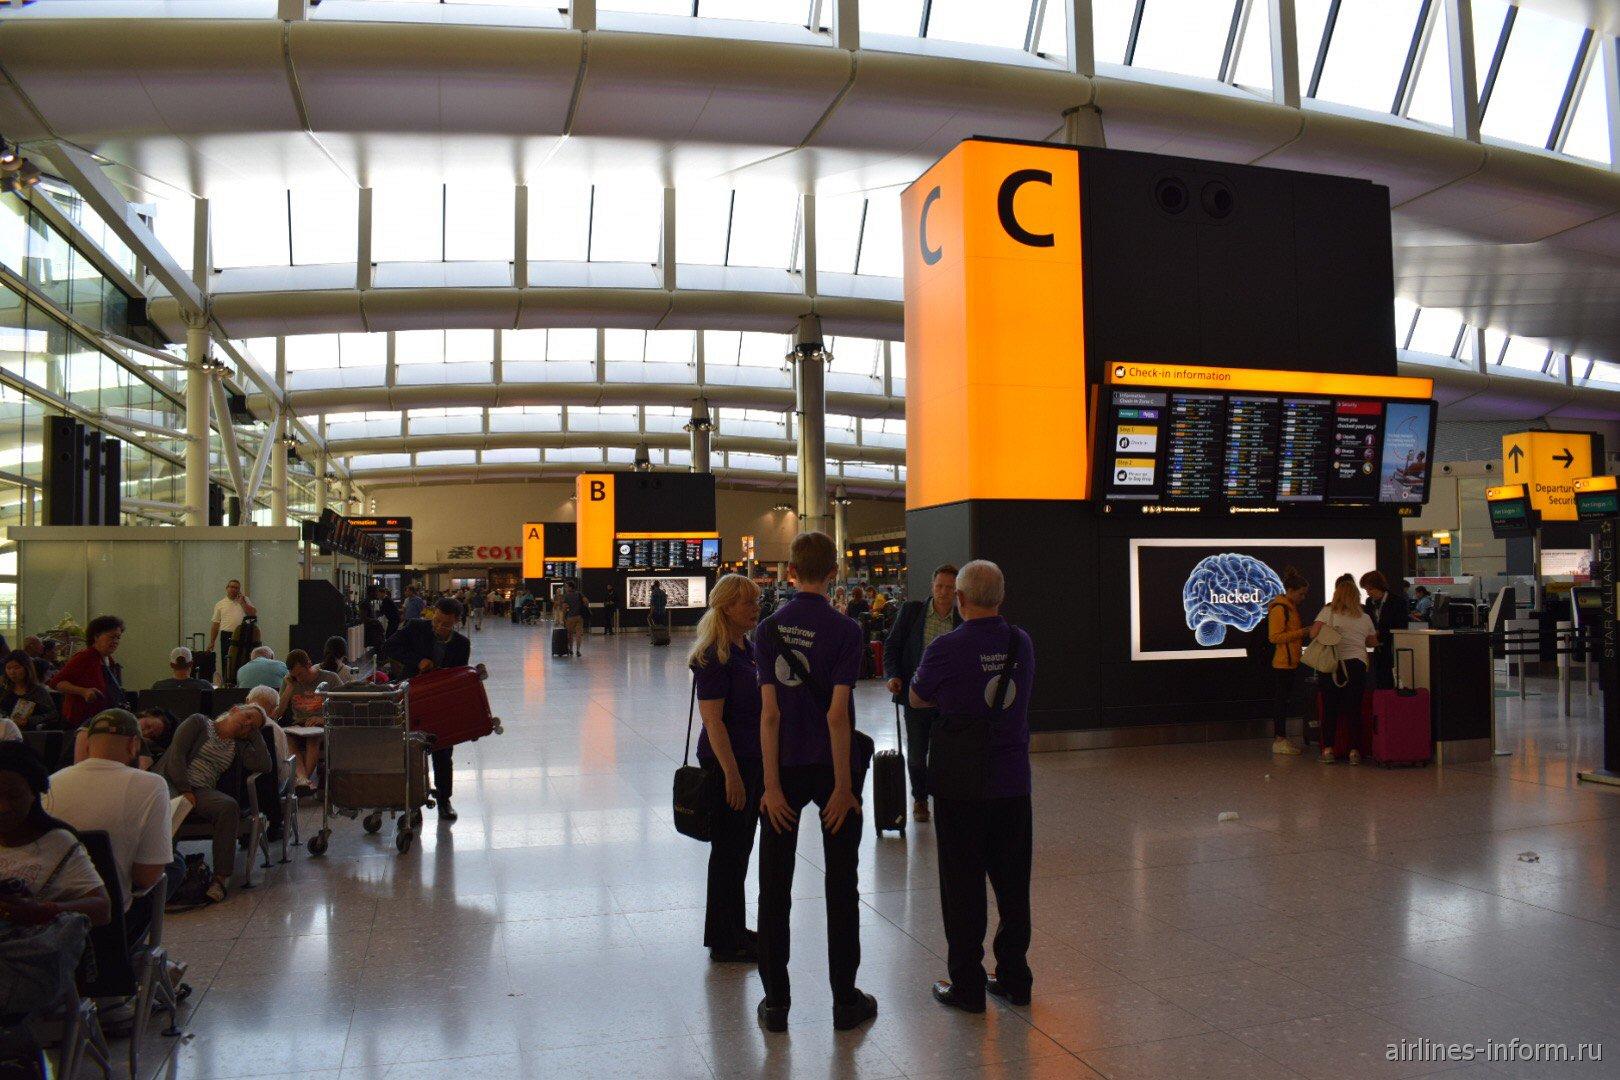 В терминале 2 аэропорта Лондон Хитроу